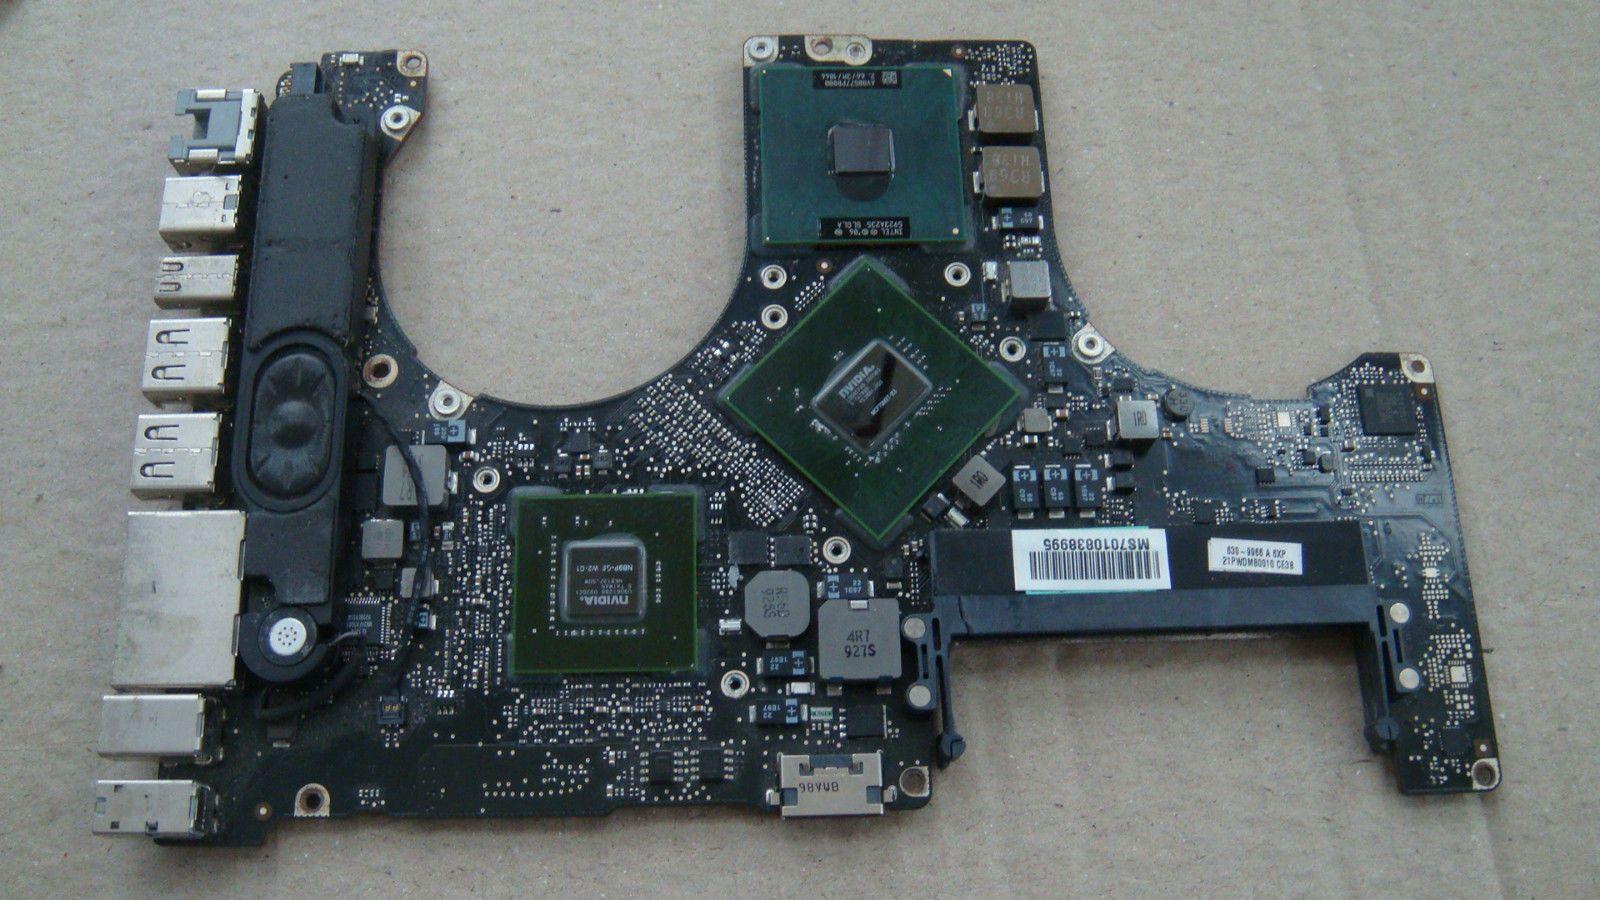 Kết quả hình ảnh cho a1286 2009 logic board